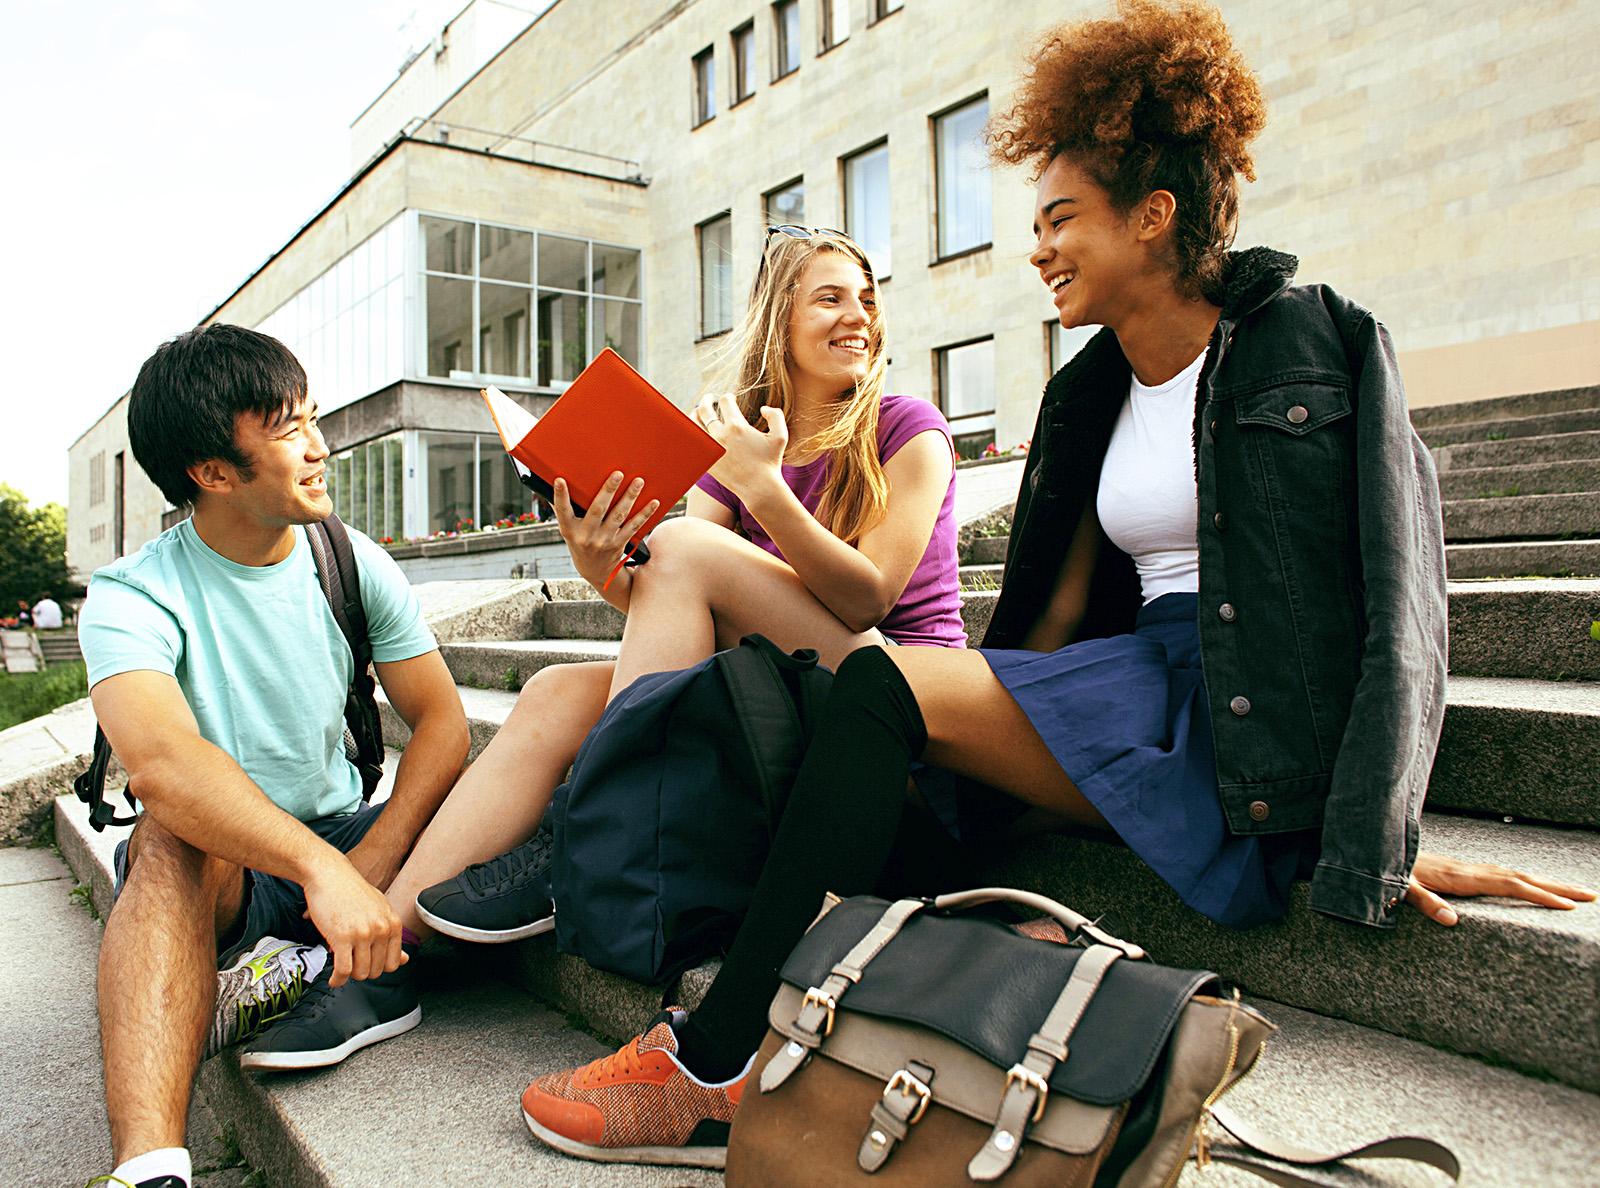 summer_school_benefits.jpg